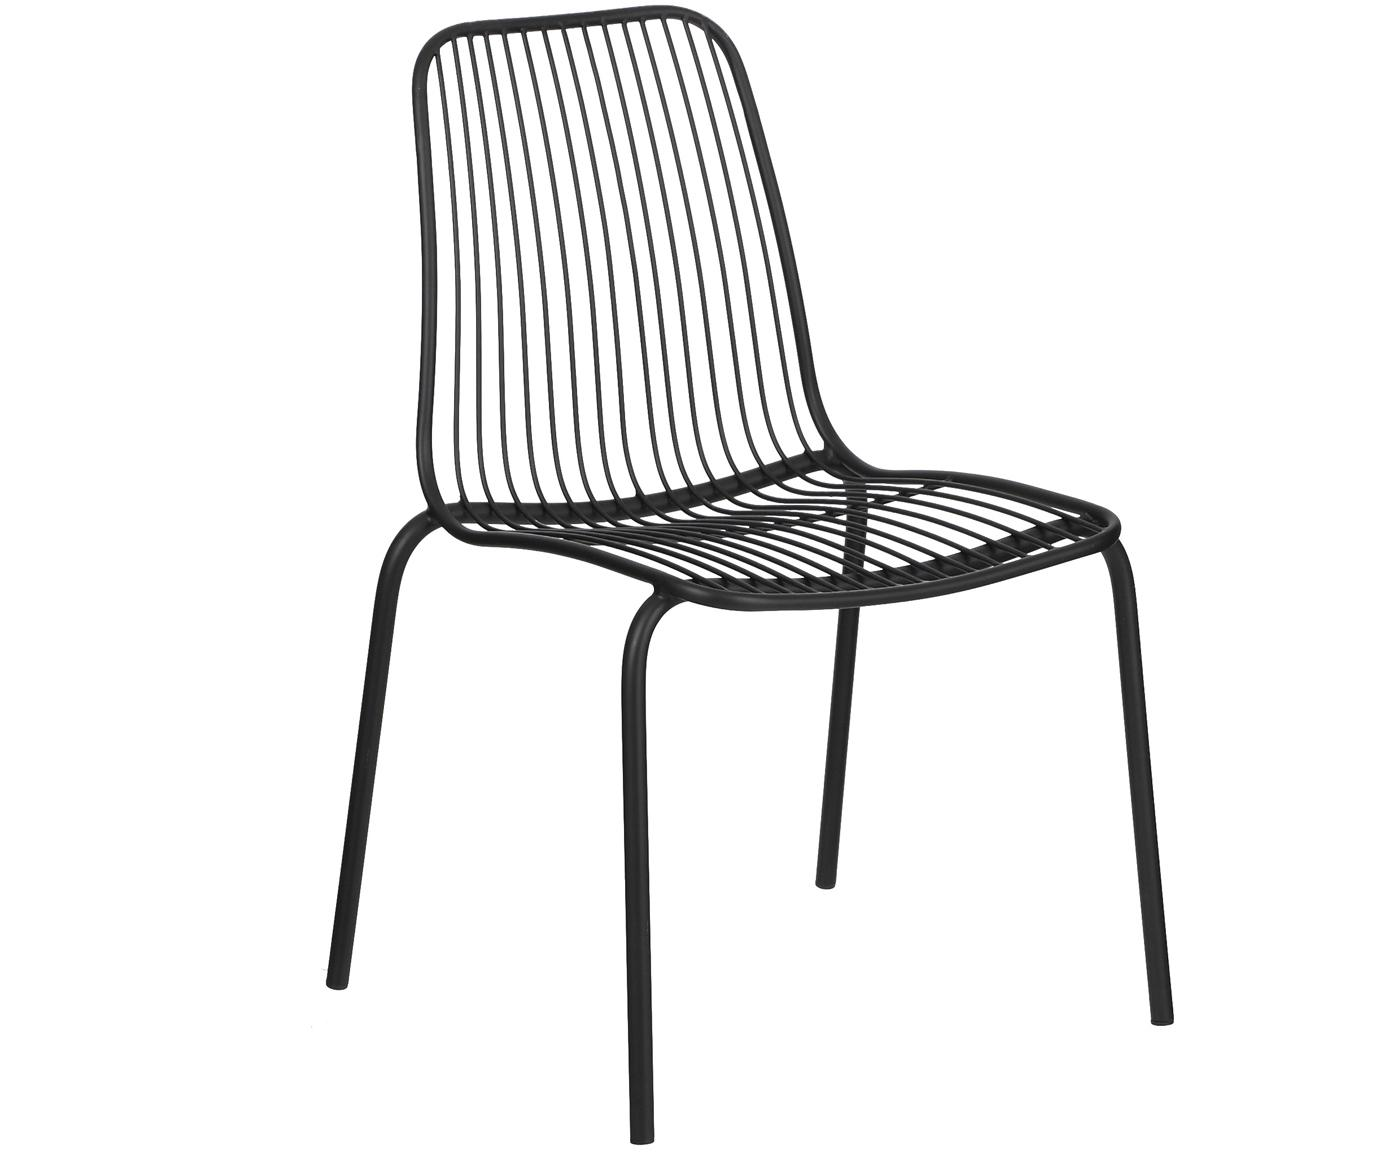 Krzesło ogrodowe z metalu Tirana, 2 szt., Metal malowany proszkowo, Czarny, S 56 x G 54 cm